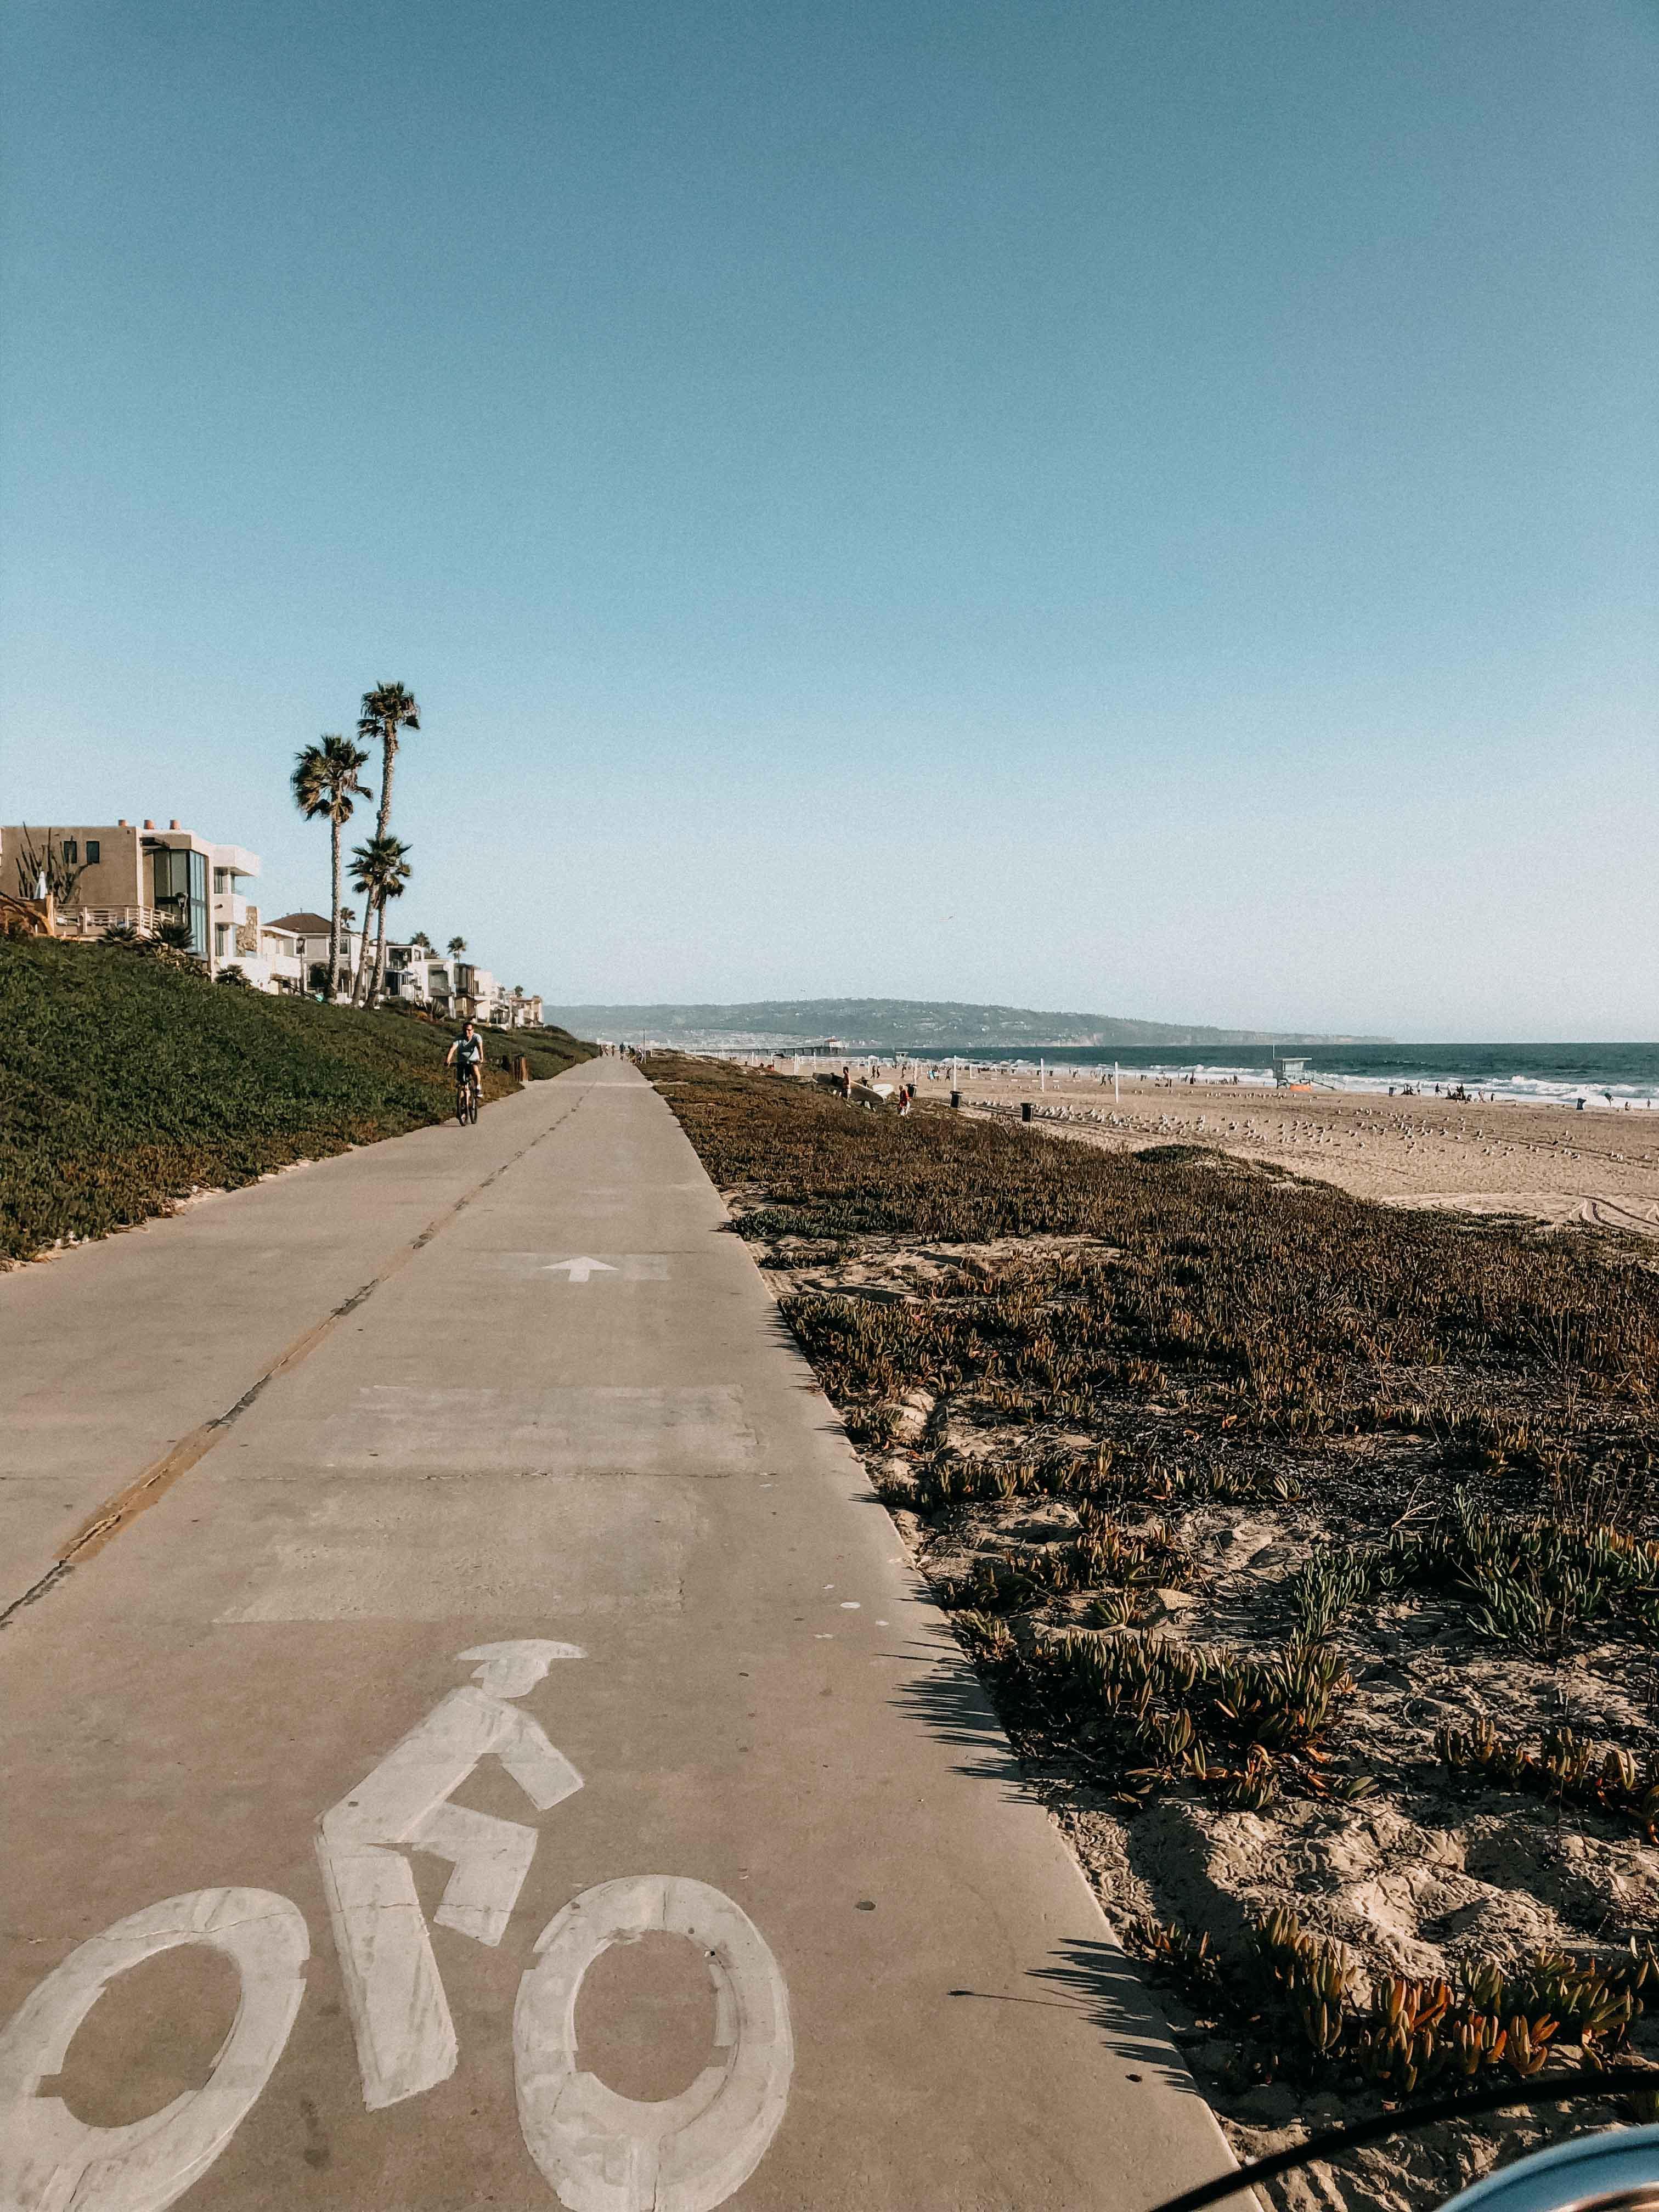 Top Insider Tipps Los Angeles Marvin Braude Bike Trail fahrradtour LA Strandweg Fahrrad fahren ausleihen 5